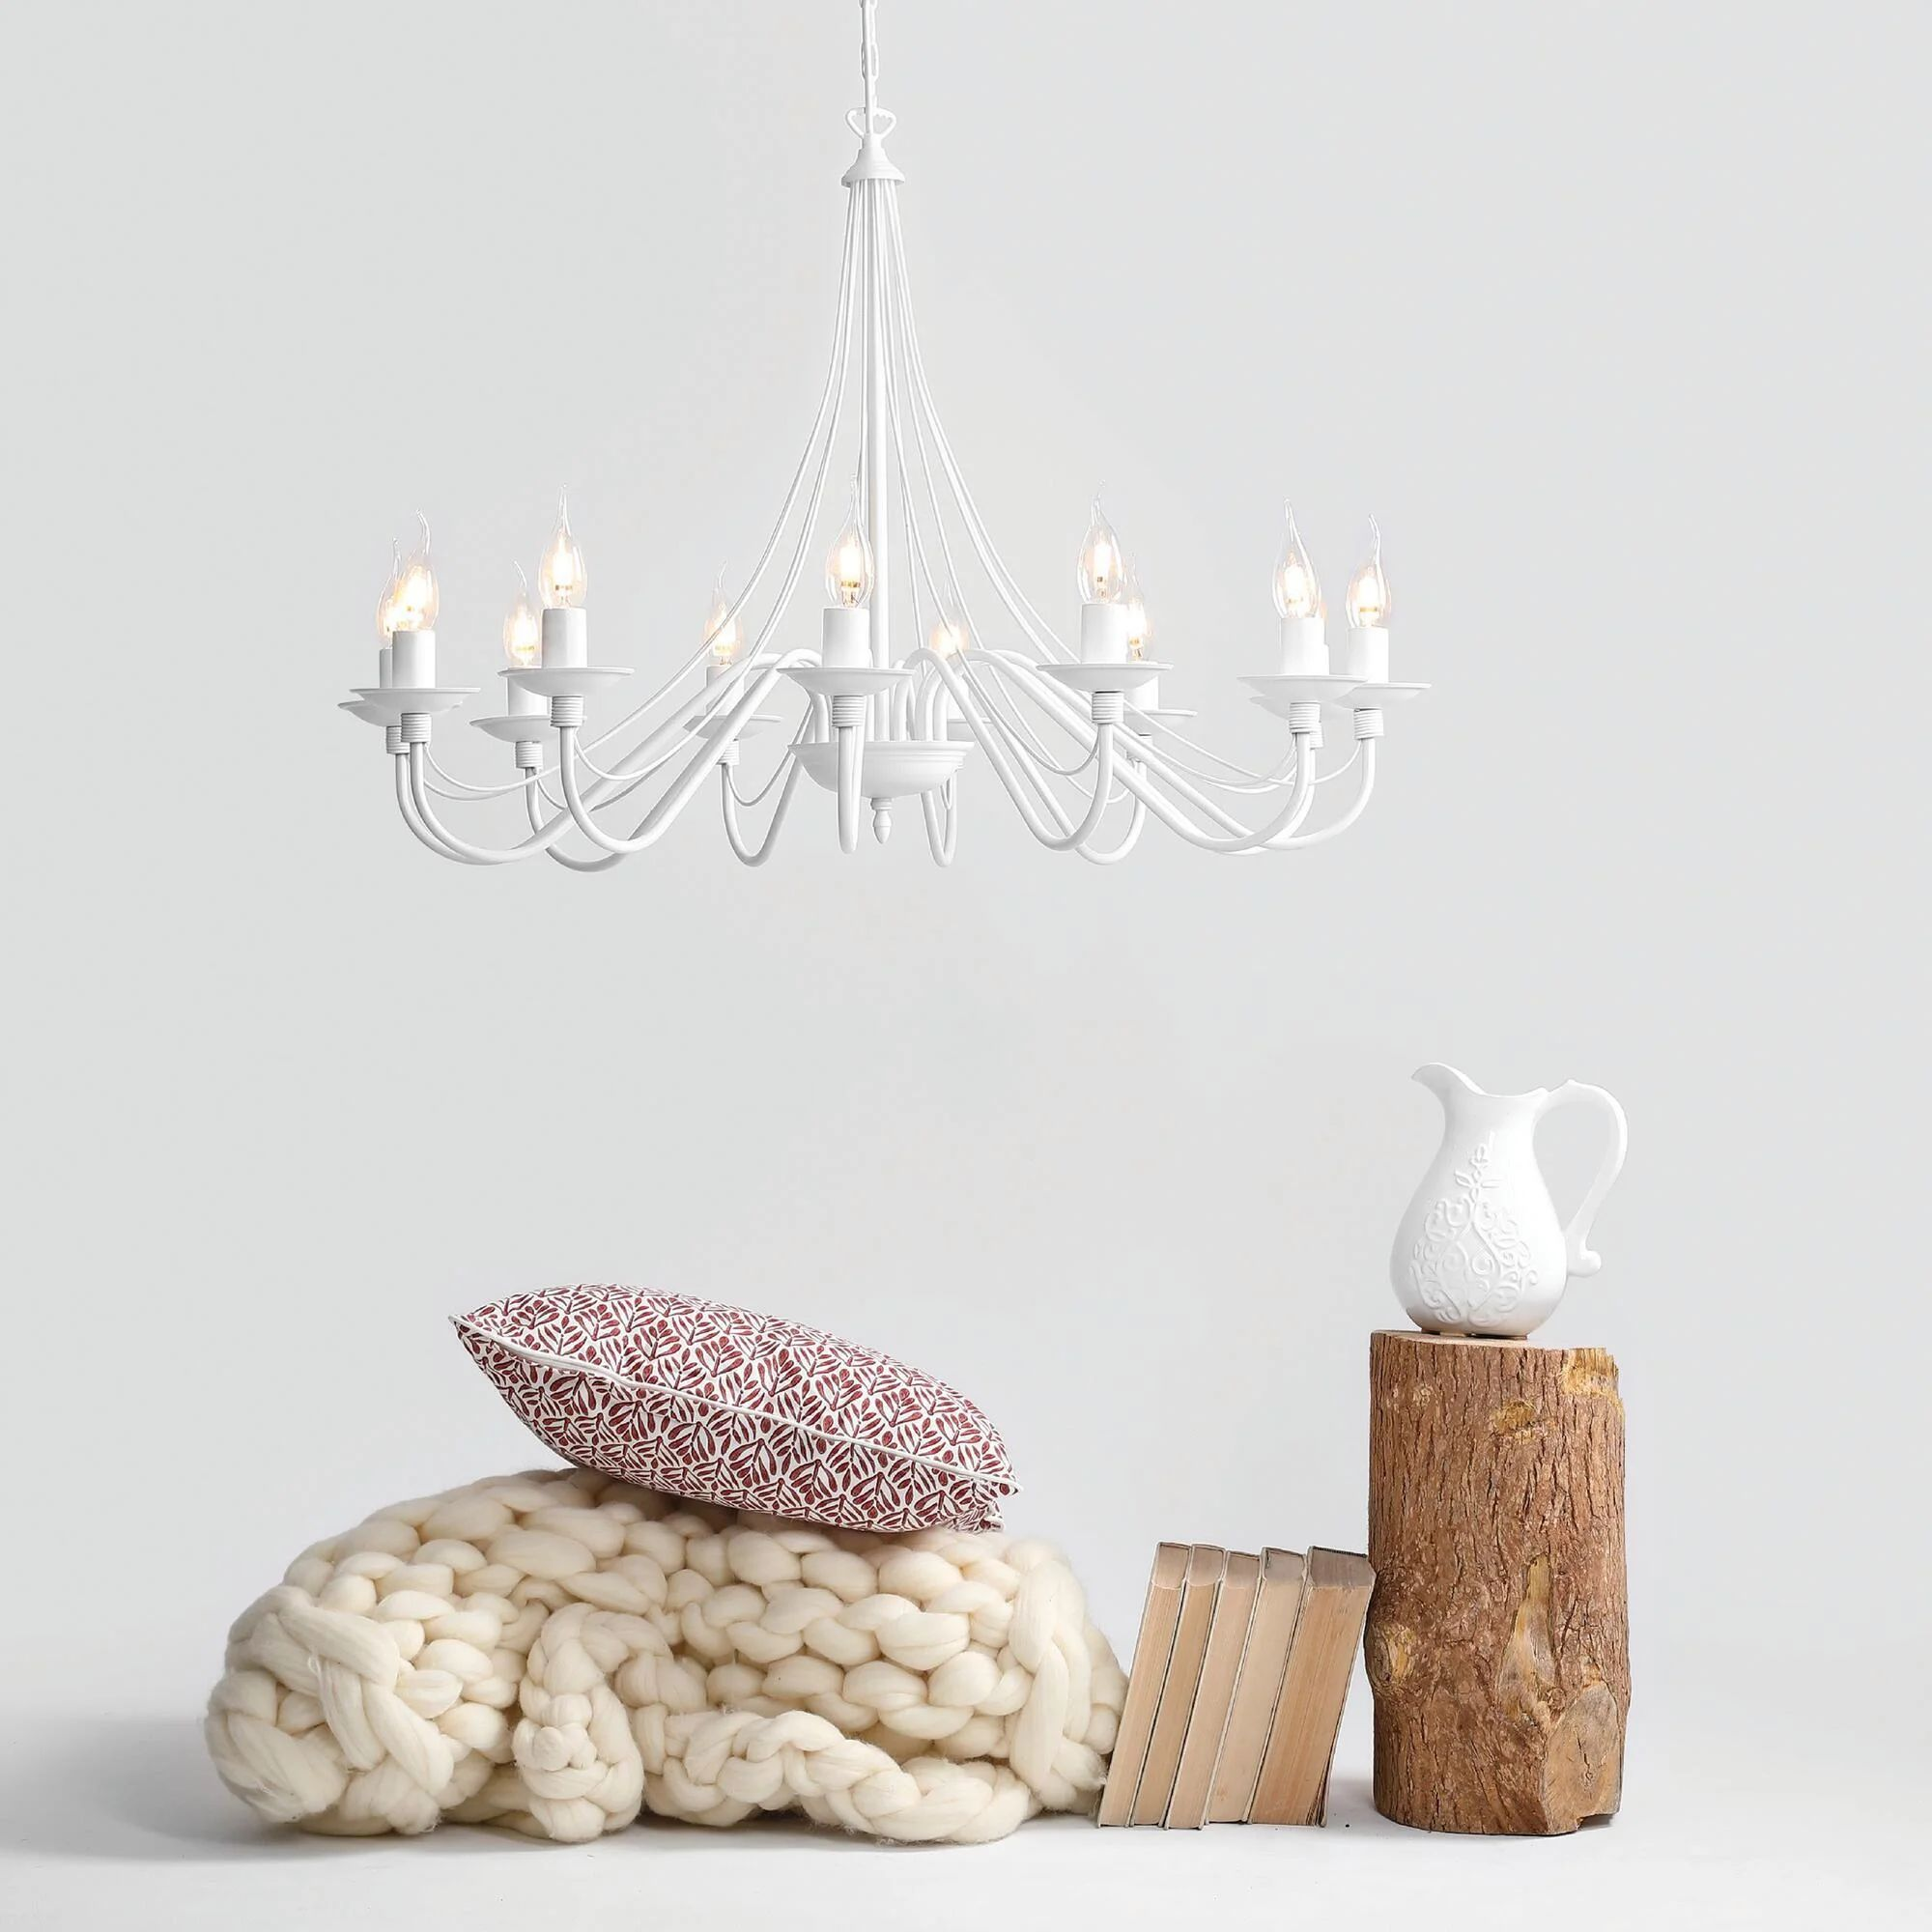 L'azienda leroy merlin, francese e specializzata dal lontano 1923 in bricolage, oggetti d'arredo e di edilizia, offre una vasta scelta di. Lampadario Moderno Lilium Bianco In Metallo L 85 Cm 12 Luci Leroy Merlin